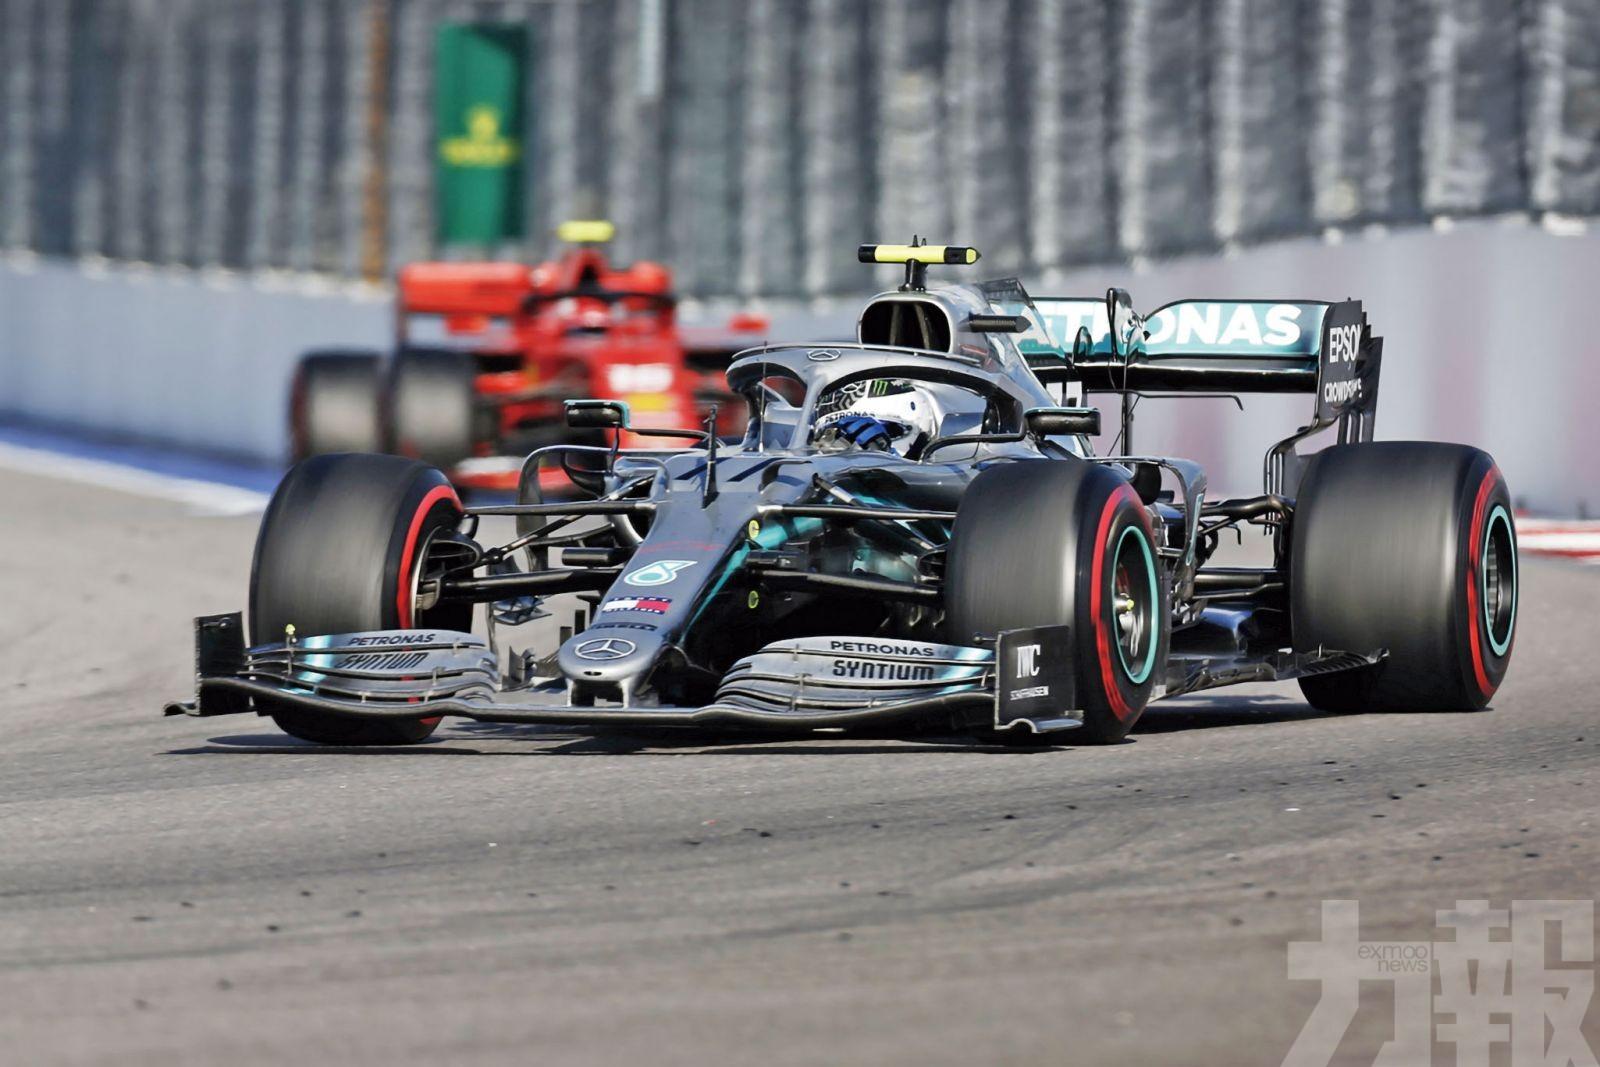 米拿迪爆料:平治將出售F1車隊!